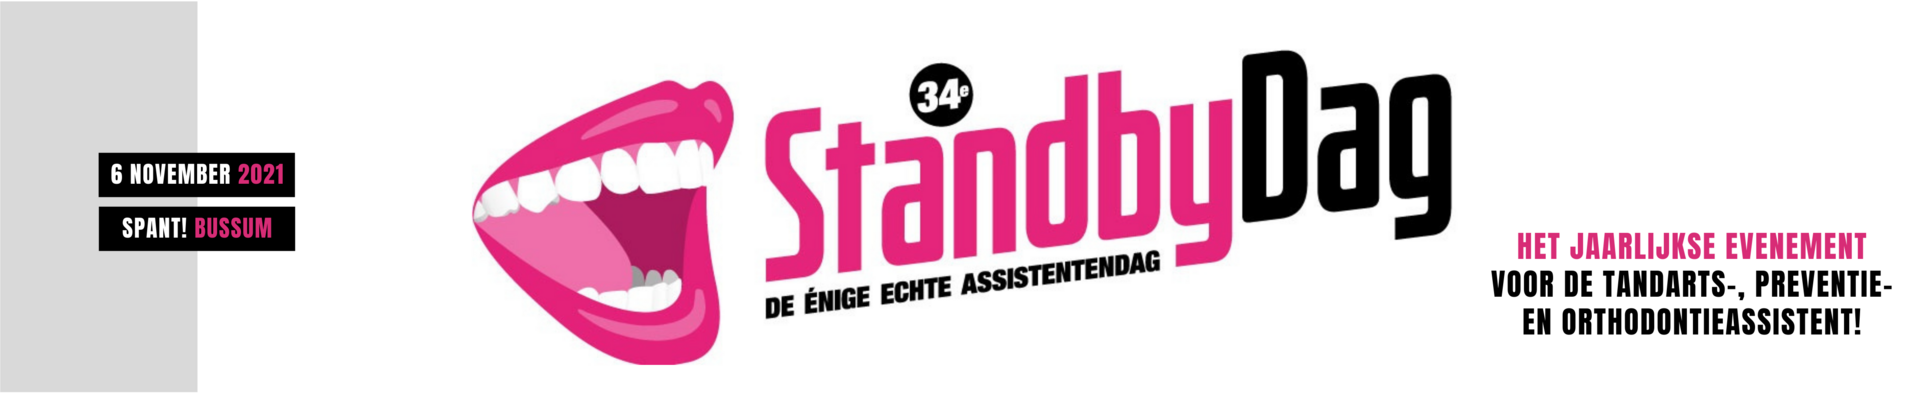 StandbyDag | 6 november 2021 (verplaatst)